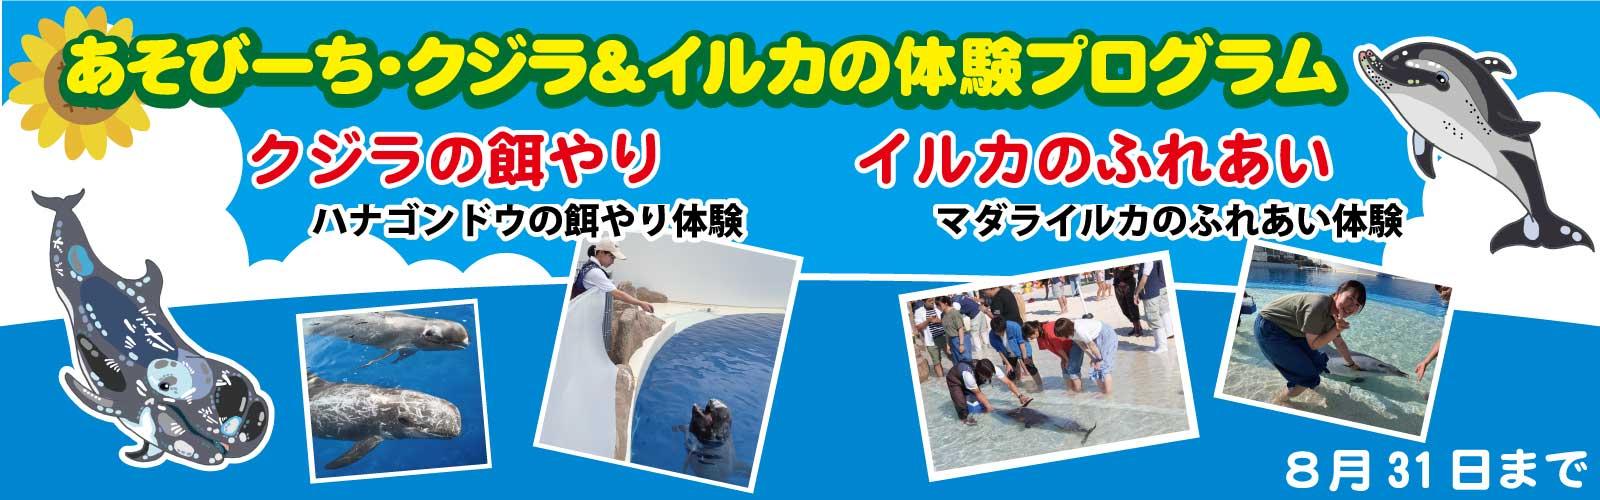 クジラ&イルカの体験プログラム